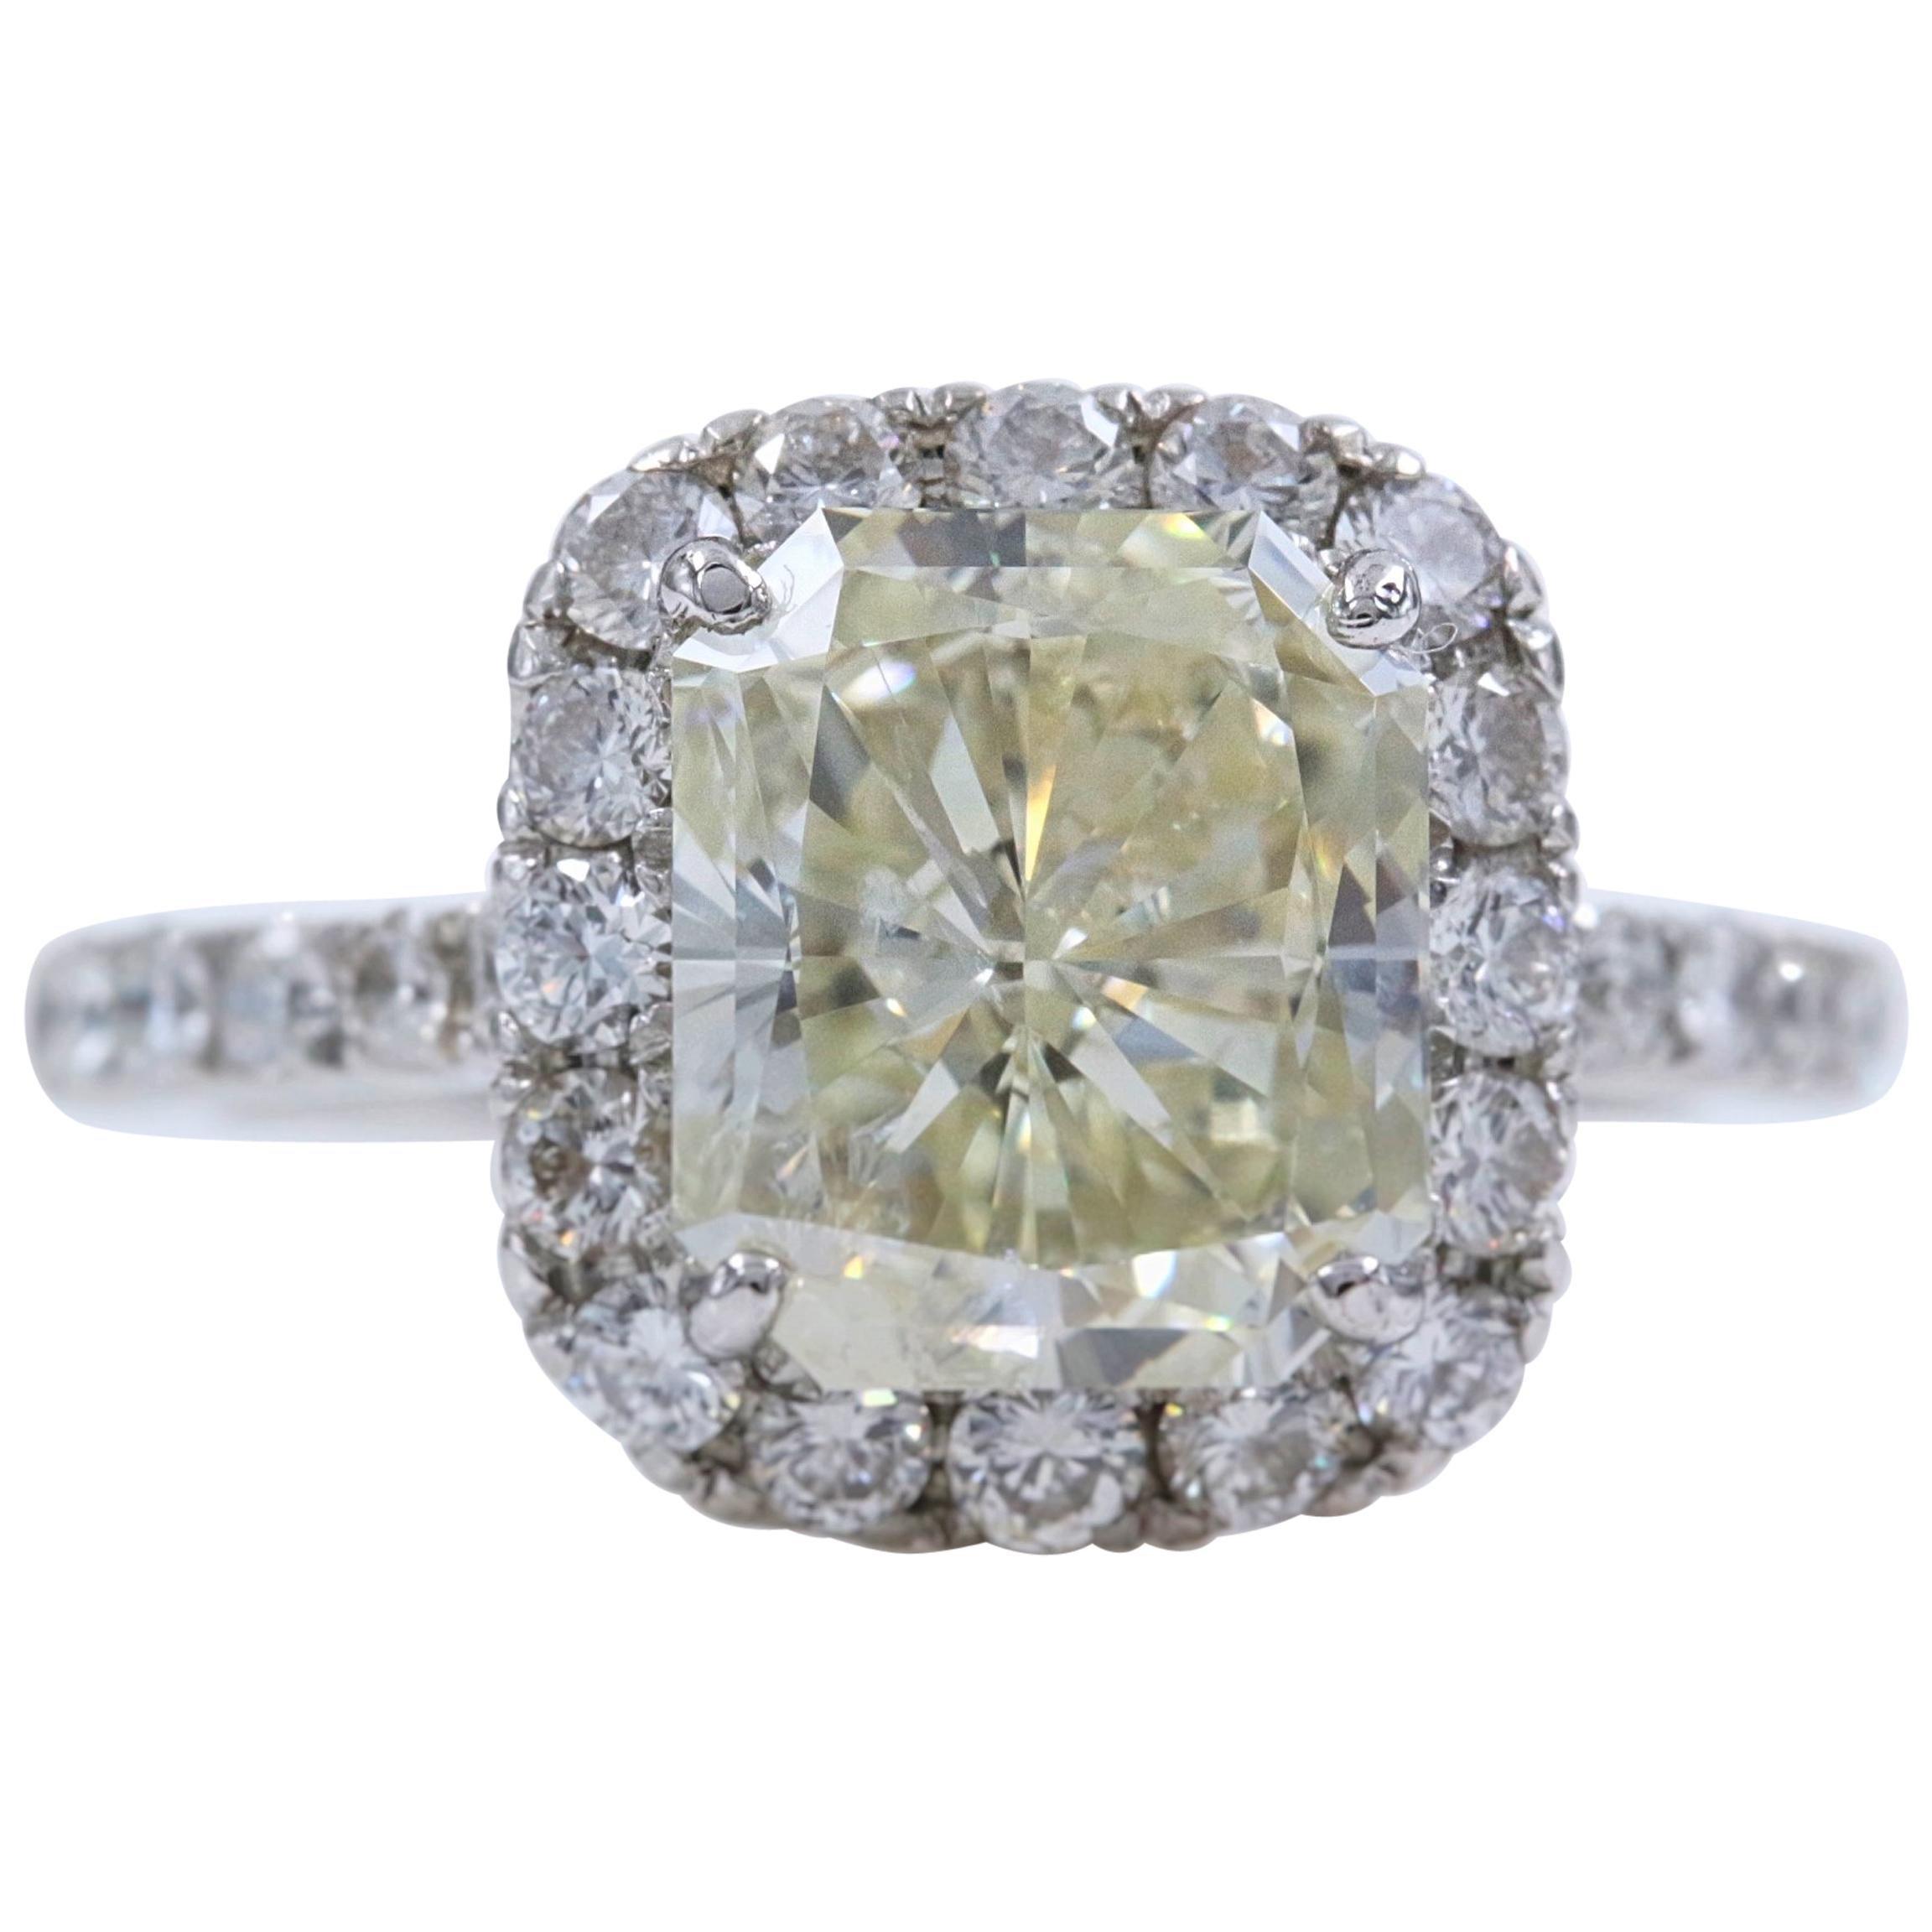 Radiant Diamond Engagement Ring Halo Design 4.61 Carat Set in Platinum